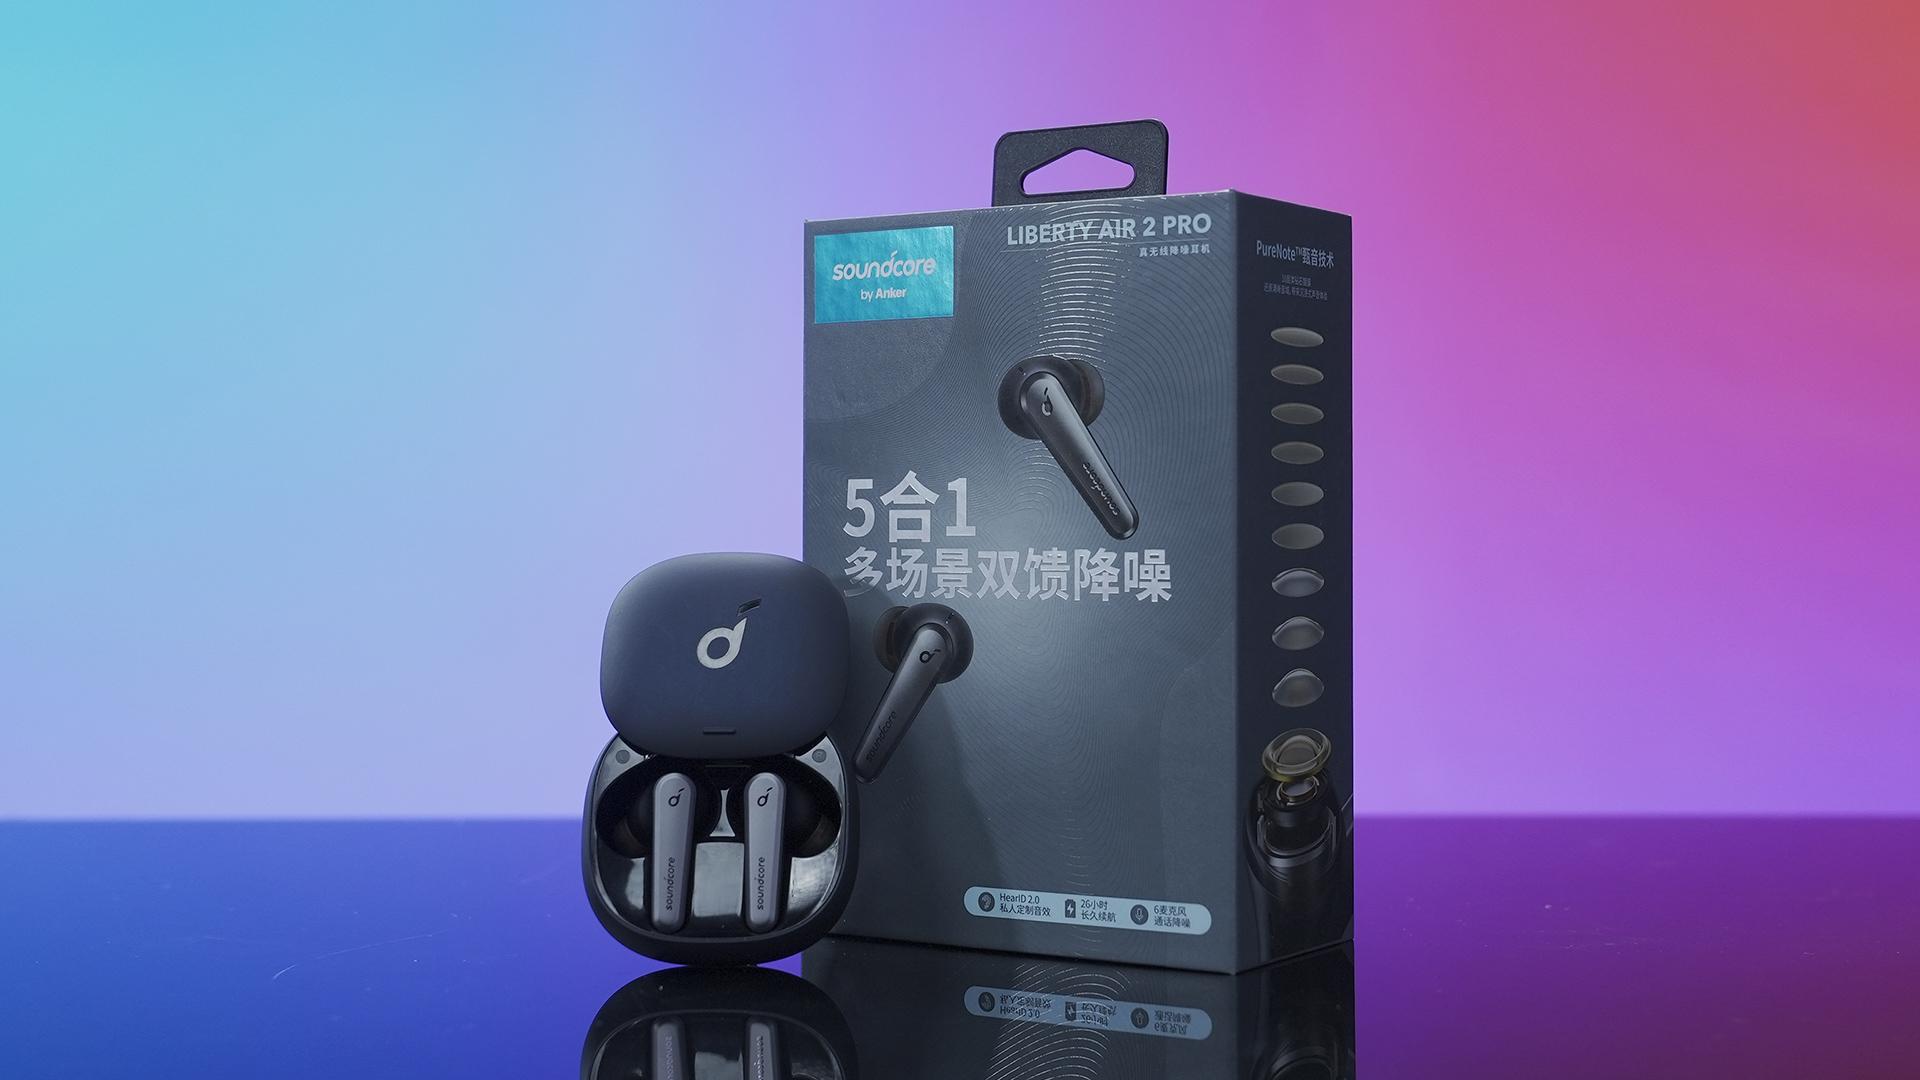 千元内最值真无线降噪耳机——声阔降噪舱体验